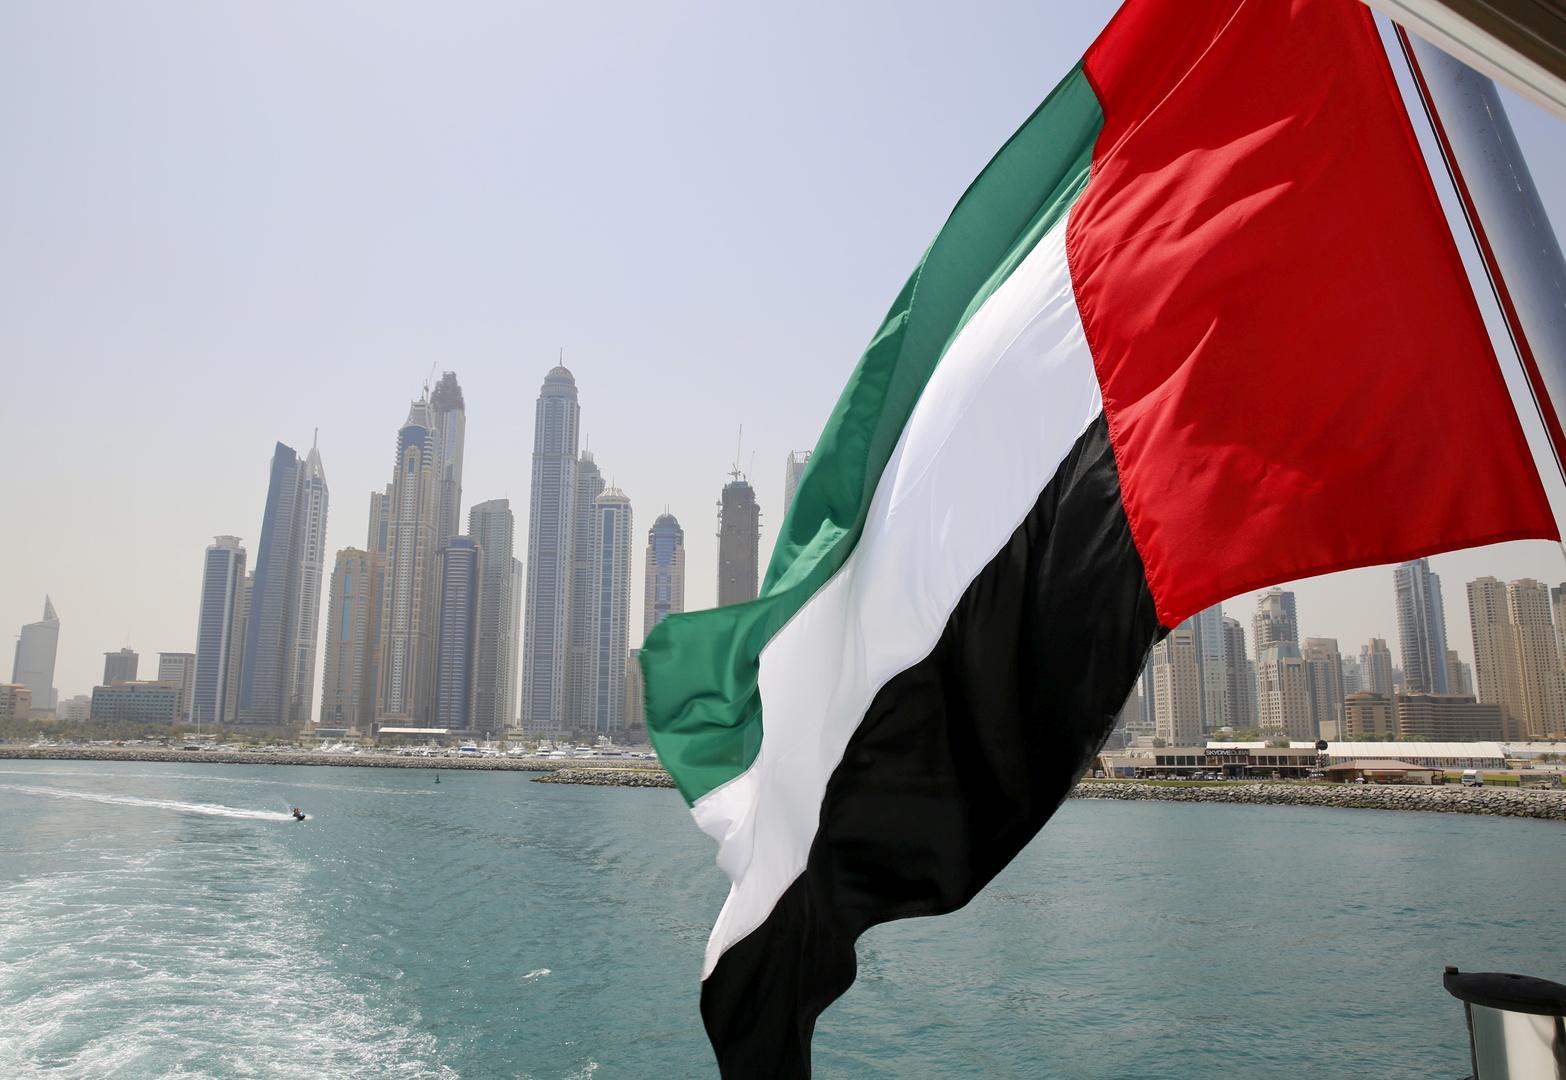 أبو ظبي تلغي خيار اللقاح ضد كورونا للسياح من تطبيق خاص على الهواتف المحمولة